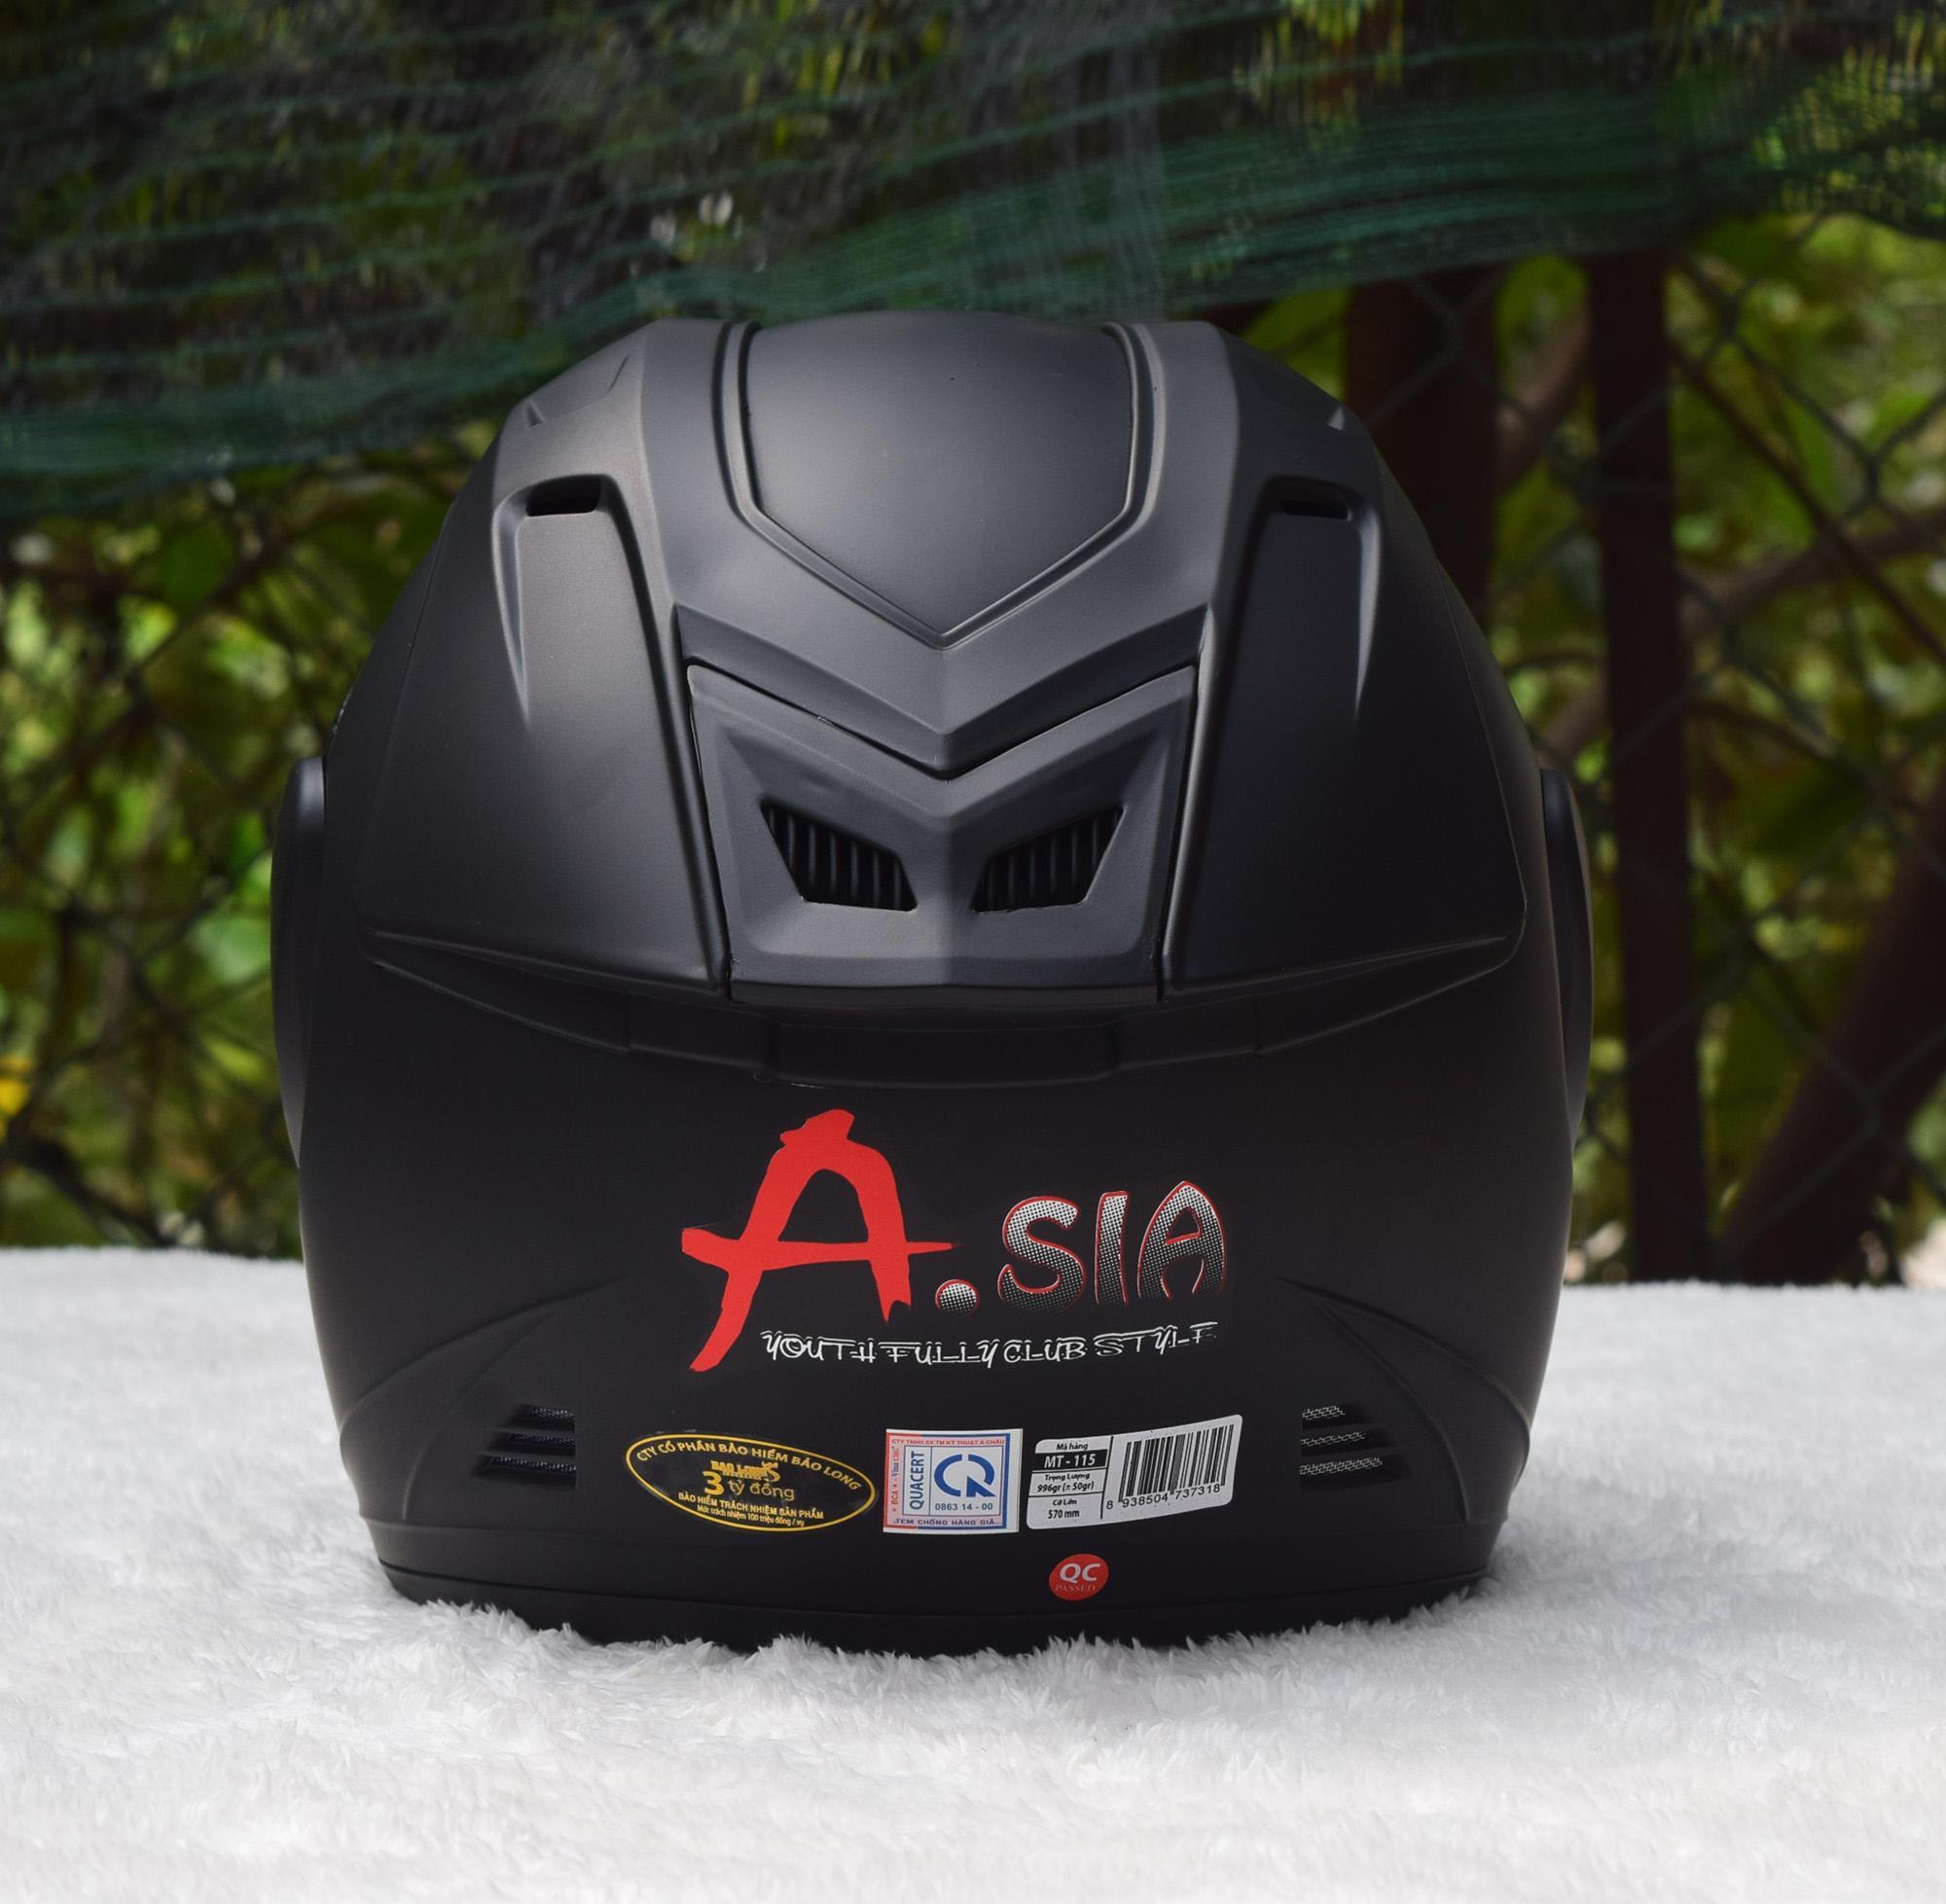 Mũ Bảo hiểm Asia M115 Chính Hãng - Kính Khói